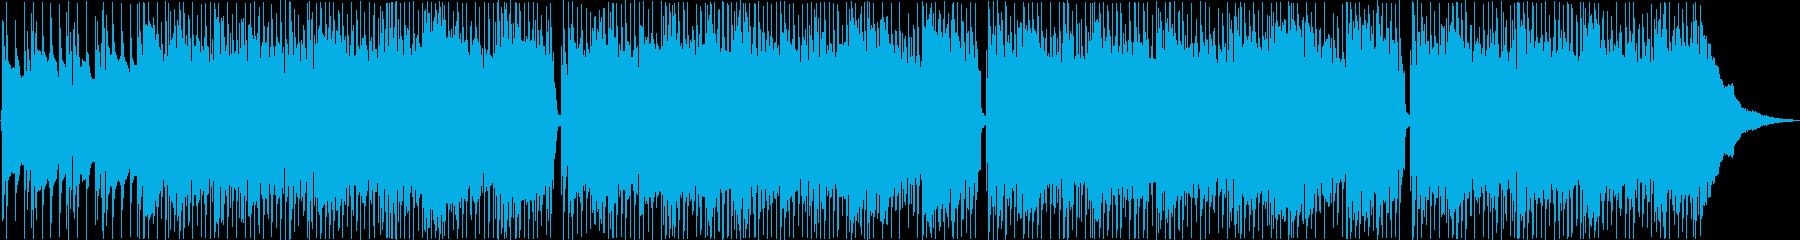 ポジティブで楽観的なポップロックの再生済みの波形